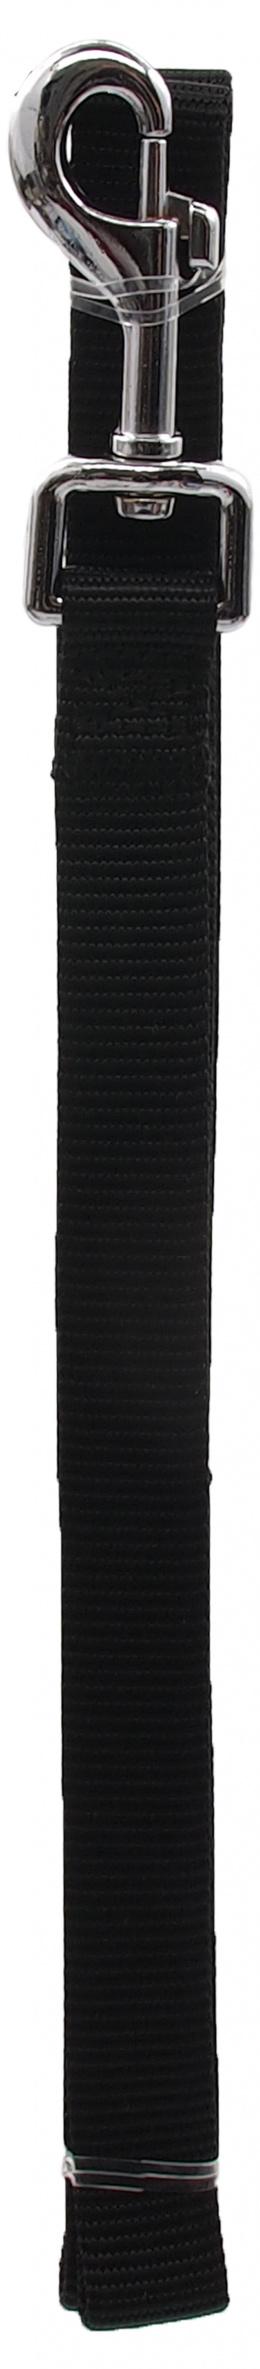 Поводок – Classic Dog Fantasy M, 20 мм, 120 см, цвет - черный